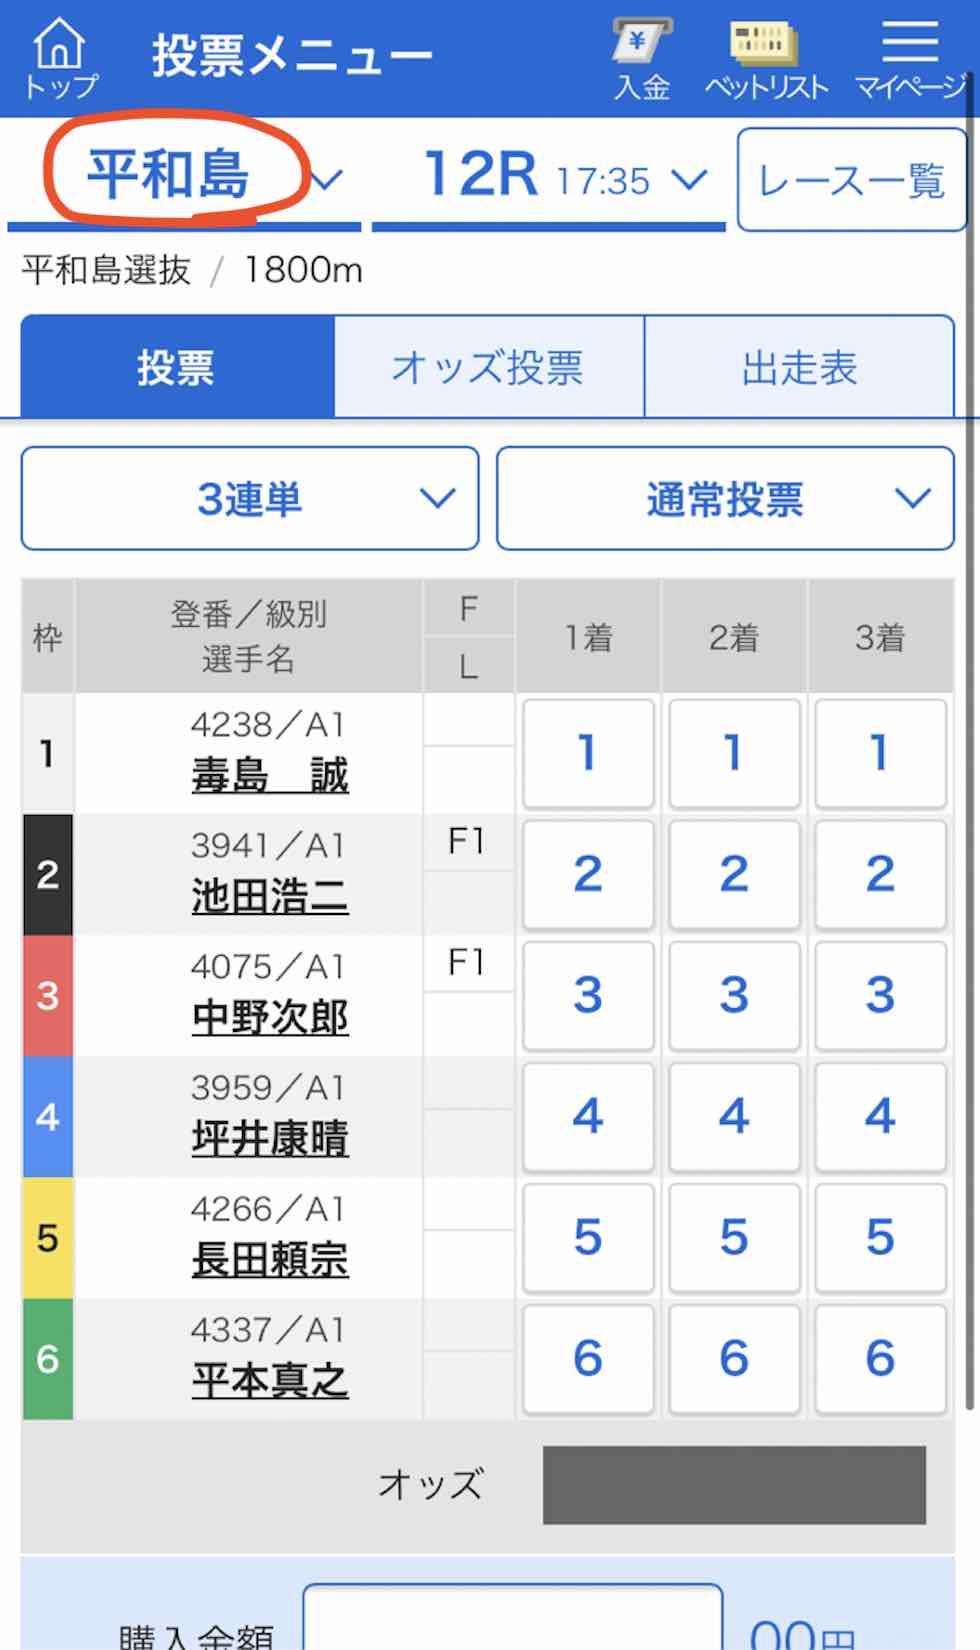 の レース 今日 結果 競艇